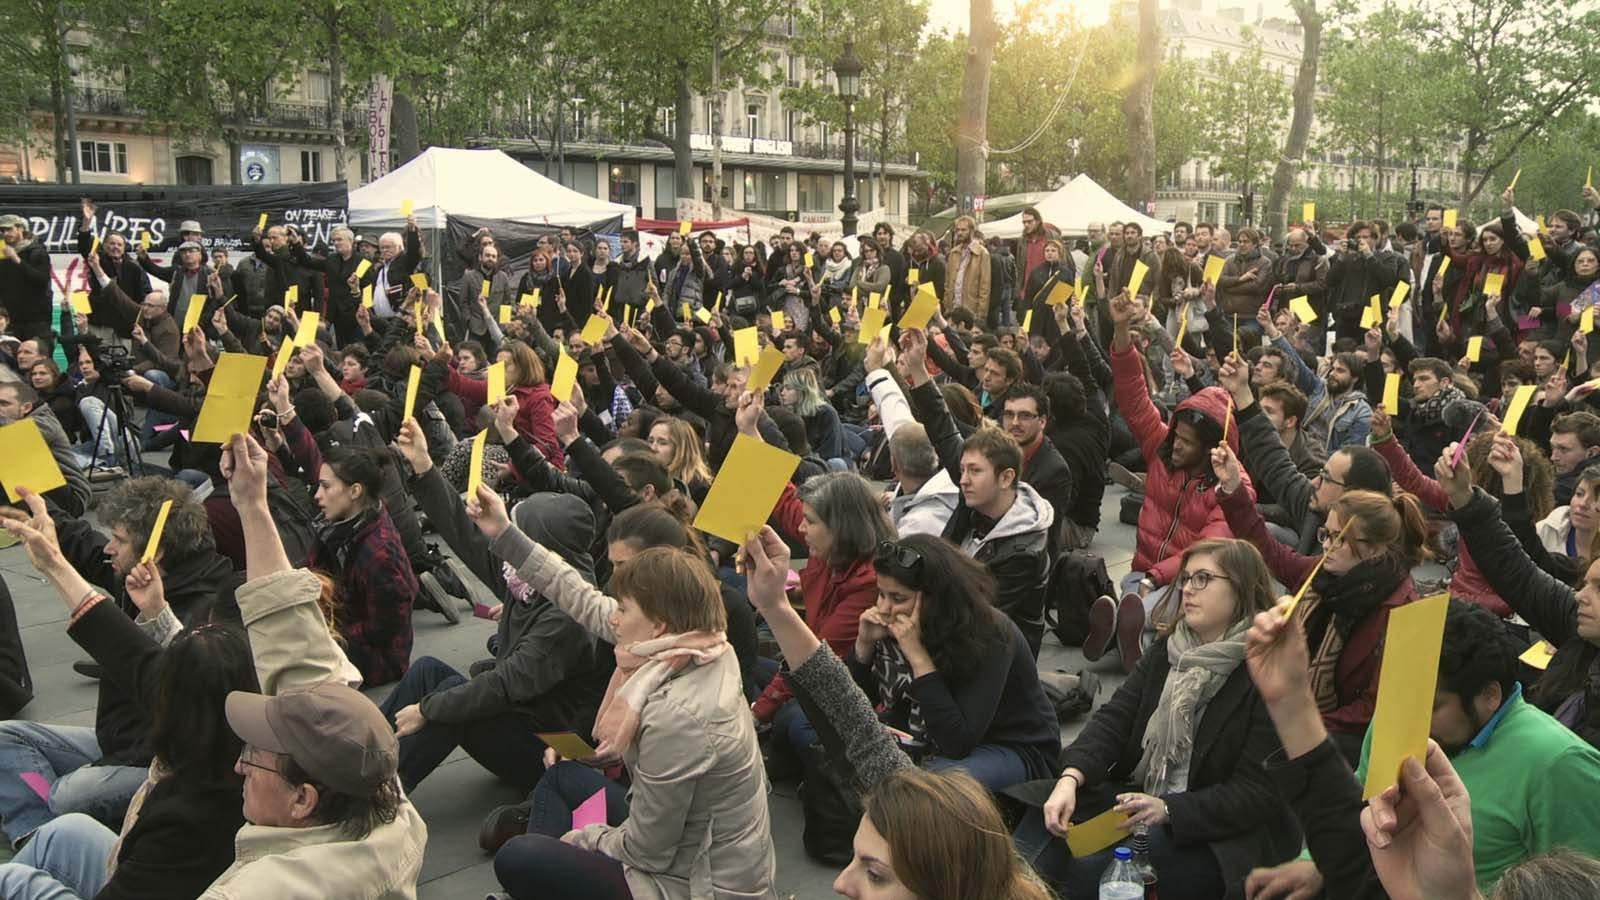 Nuit debout au printemps 2016, place de la République, un exercice de démocratie participative.